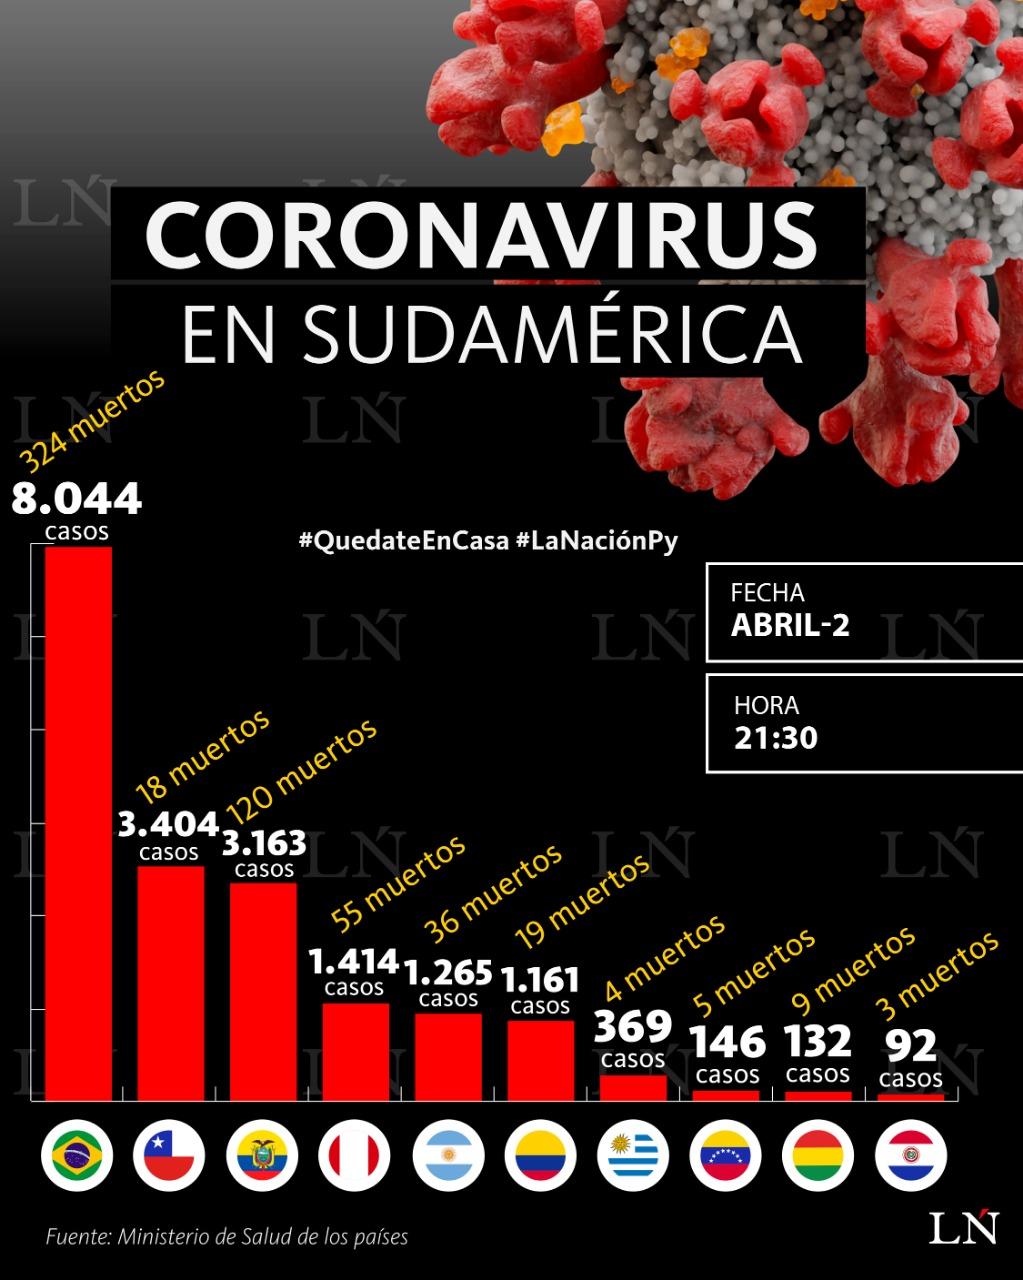 Coronavirus Sudamérica